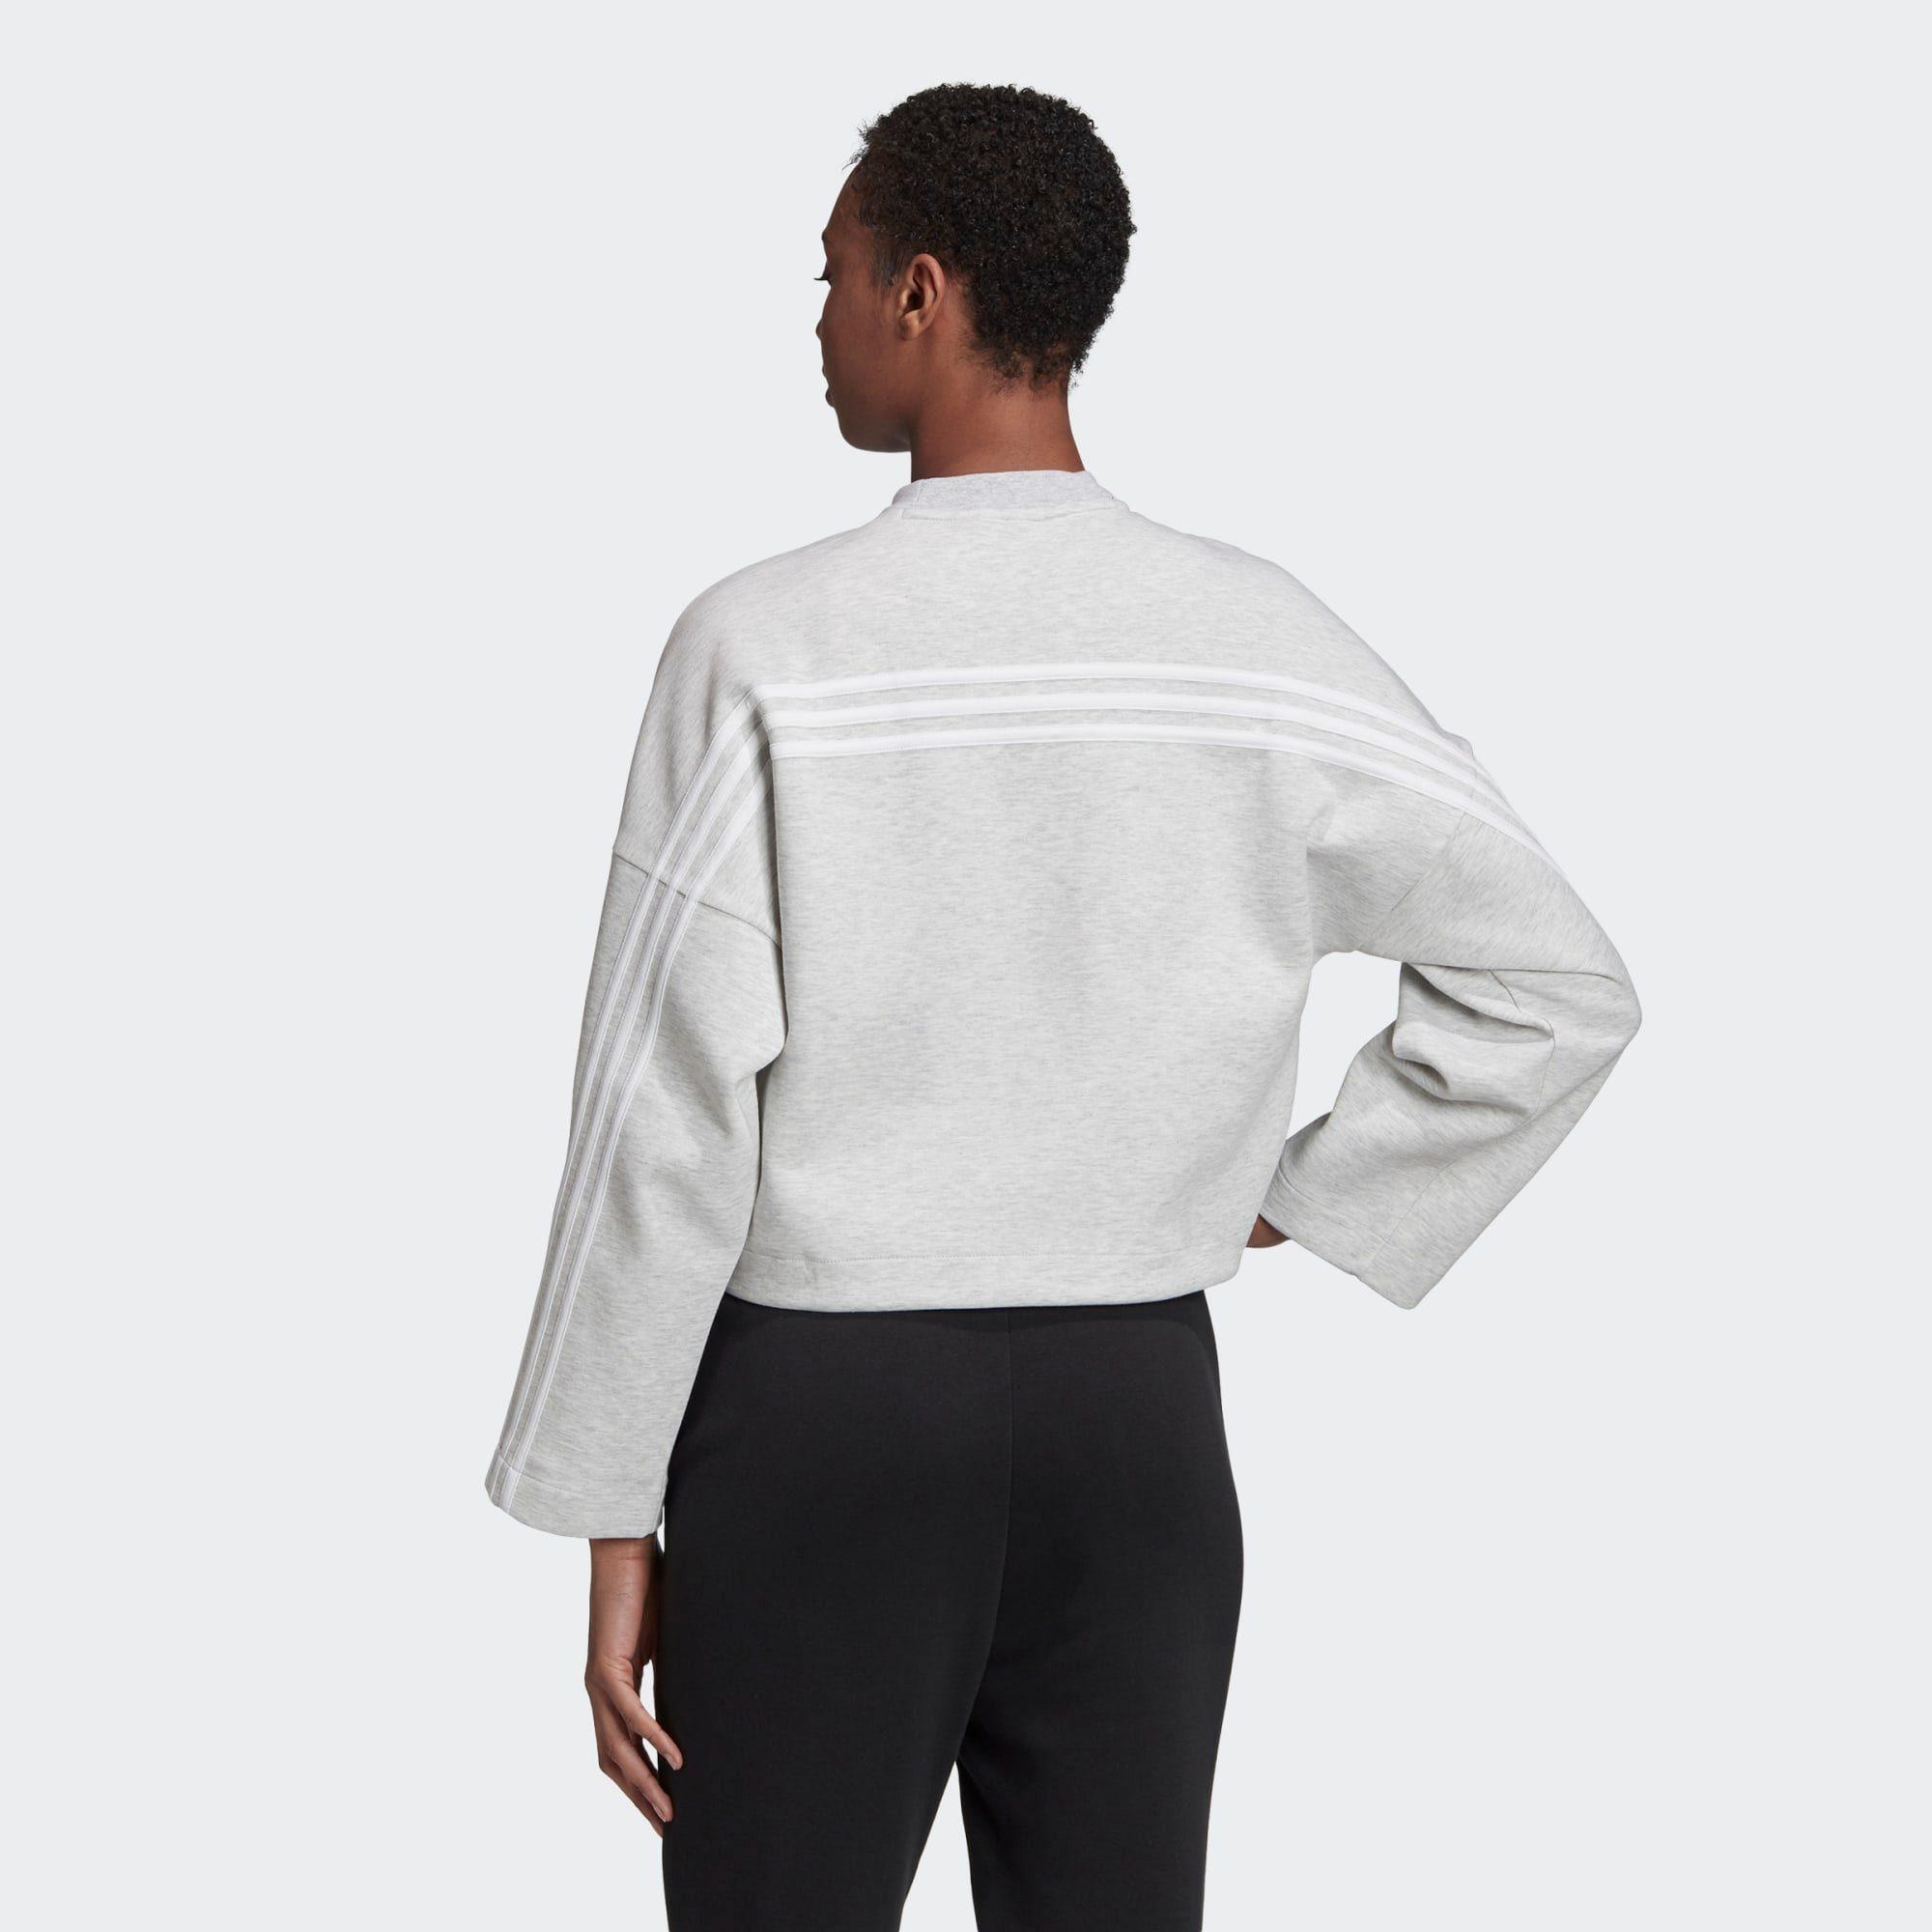 adidas Performance Sweatshirt 3-Streifen Doubleknit Sweatshirt online kaufen OSTeBZ T8l81R